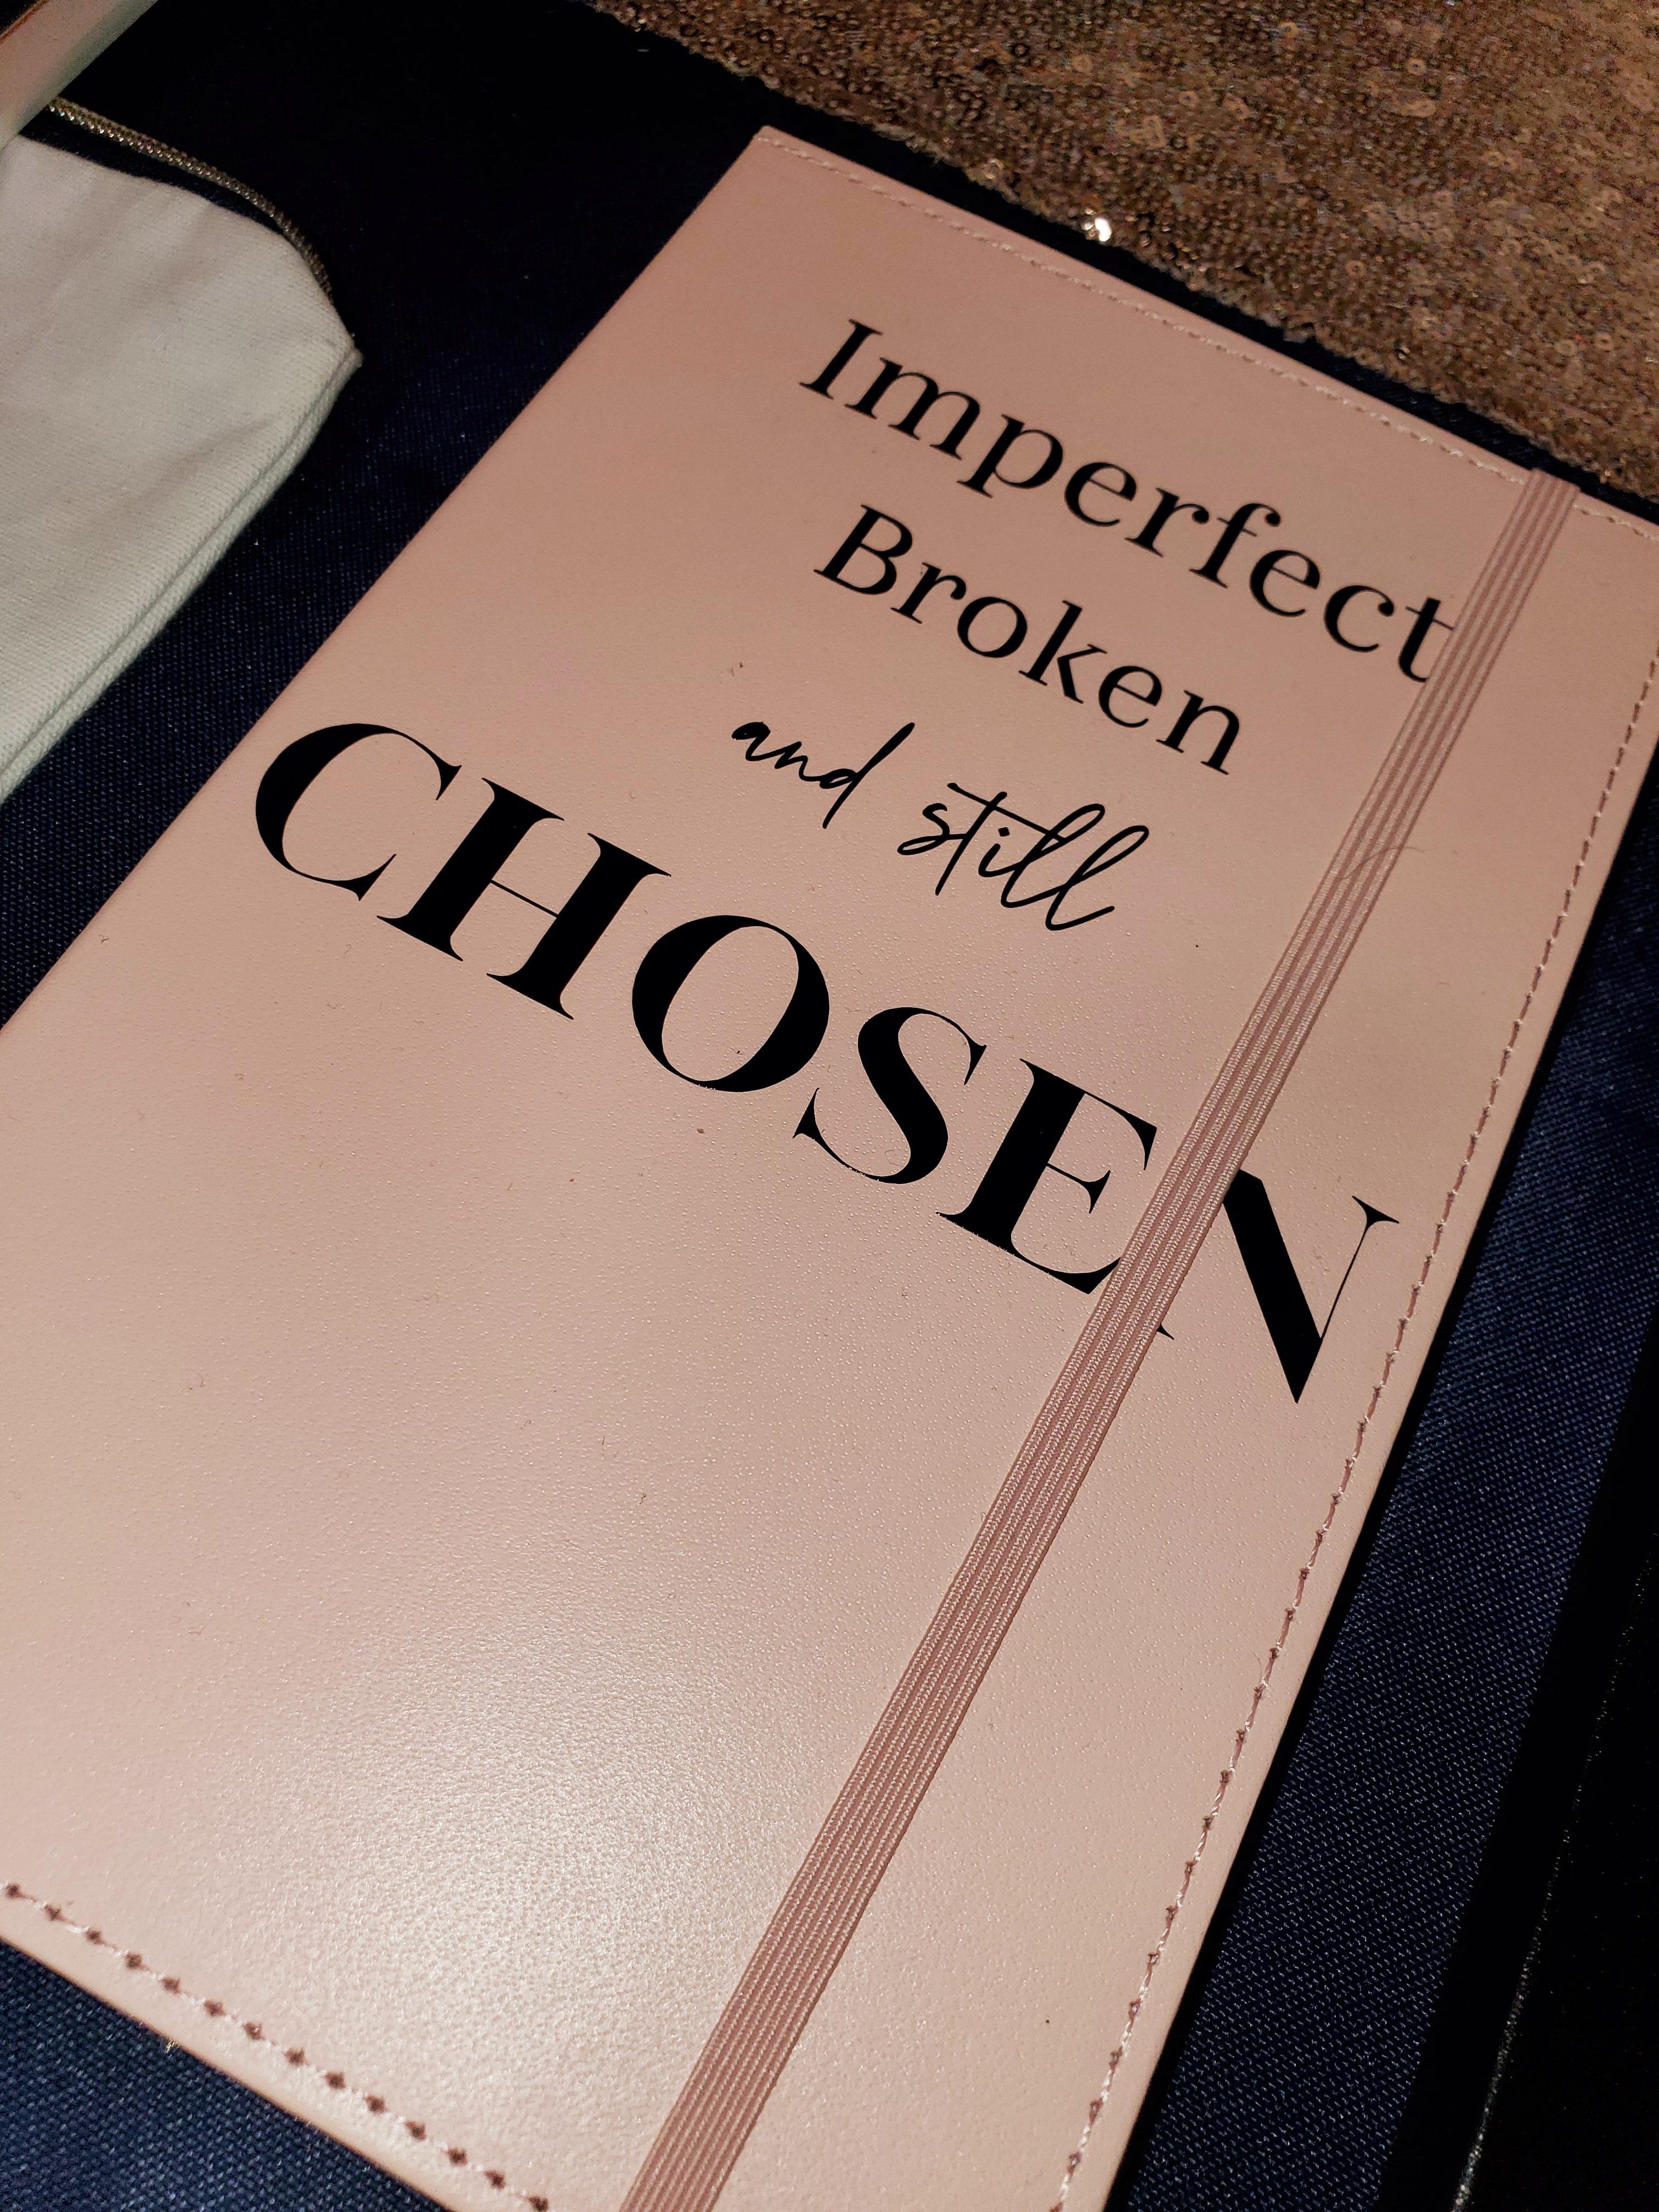 anastacia-anisa-imperfect-broken-still-c